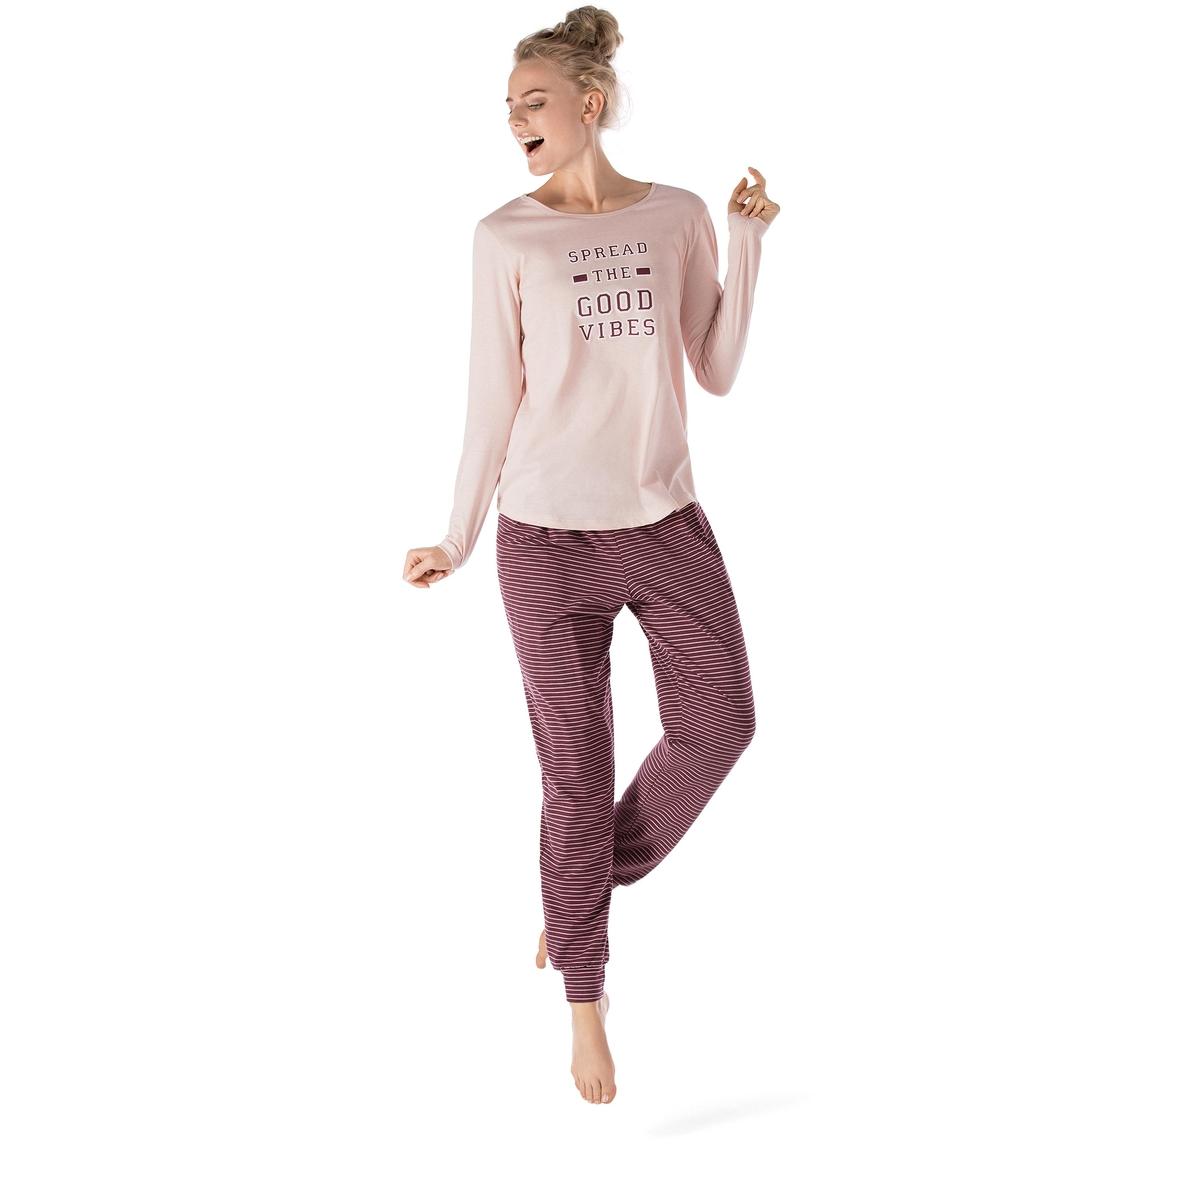 Комплект пижамный длинный College GirlСостав &amp; Детали :Основной материал брюк : 92% хлопка, 8% эластанаОсновной материал верха  : 100% хлопка Марка : SKINYУход :Машинная стирка при 30° Стирать вместе с одеждой подобных цветовСтирать и гладить с изнаночной стороныМашинная сушка и сухая чистка запрещены<br><br>Цвет: розовый/бордовый